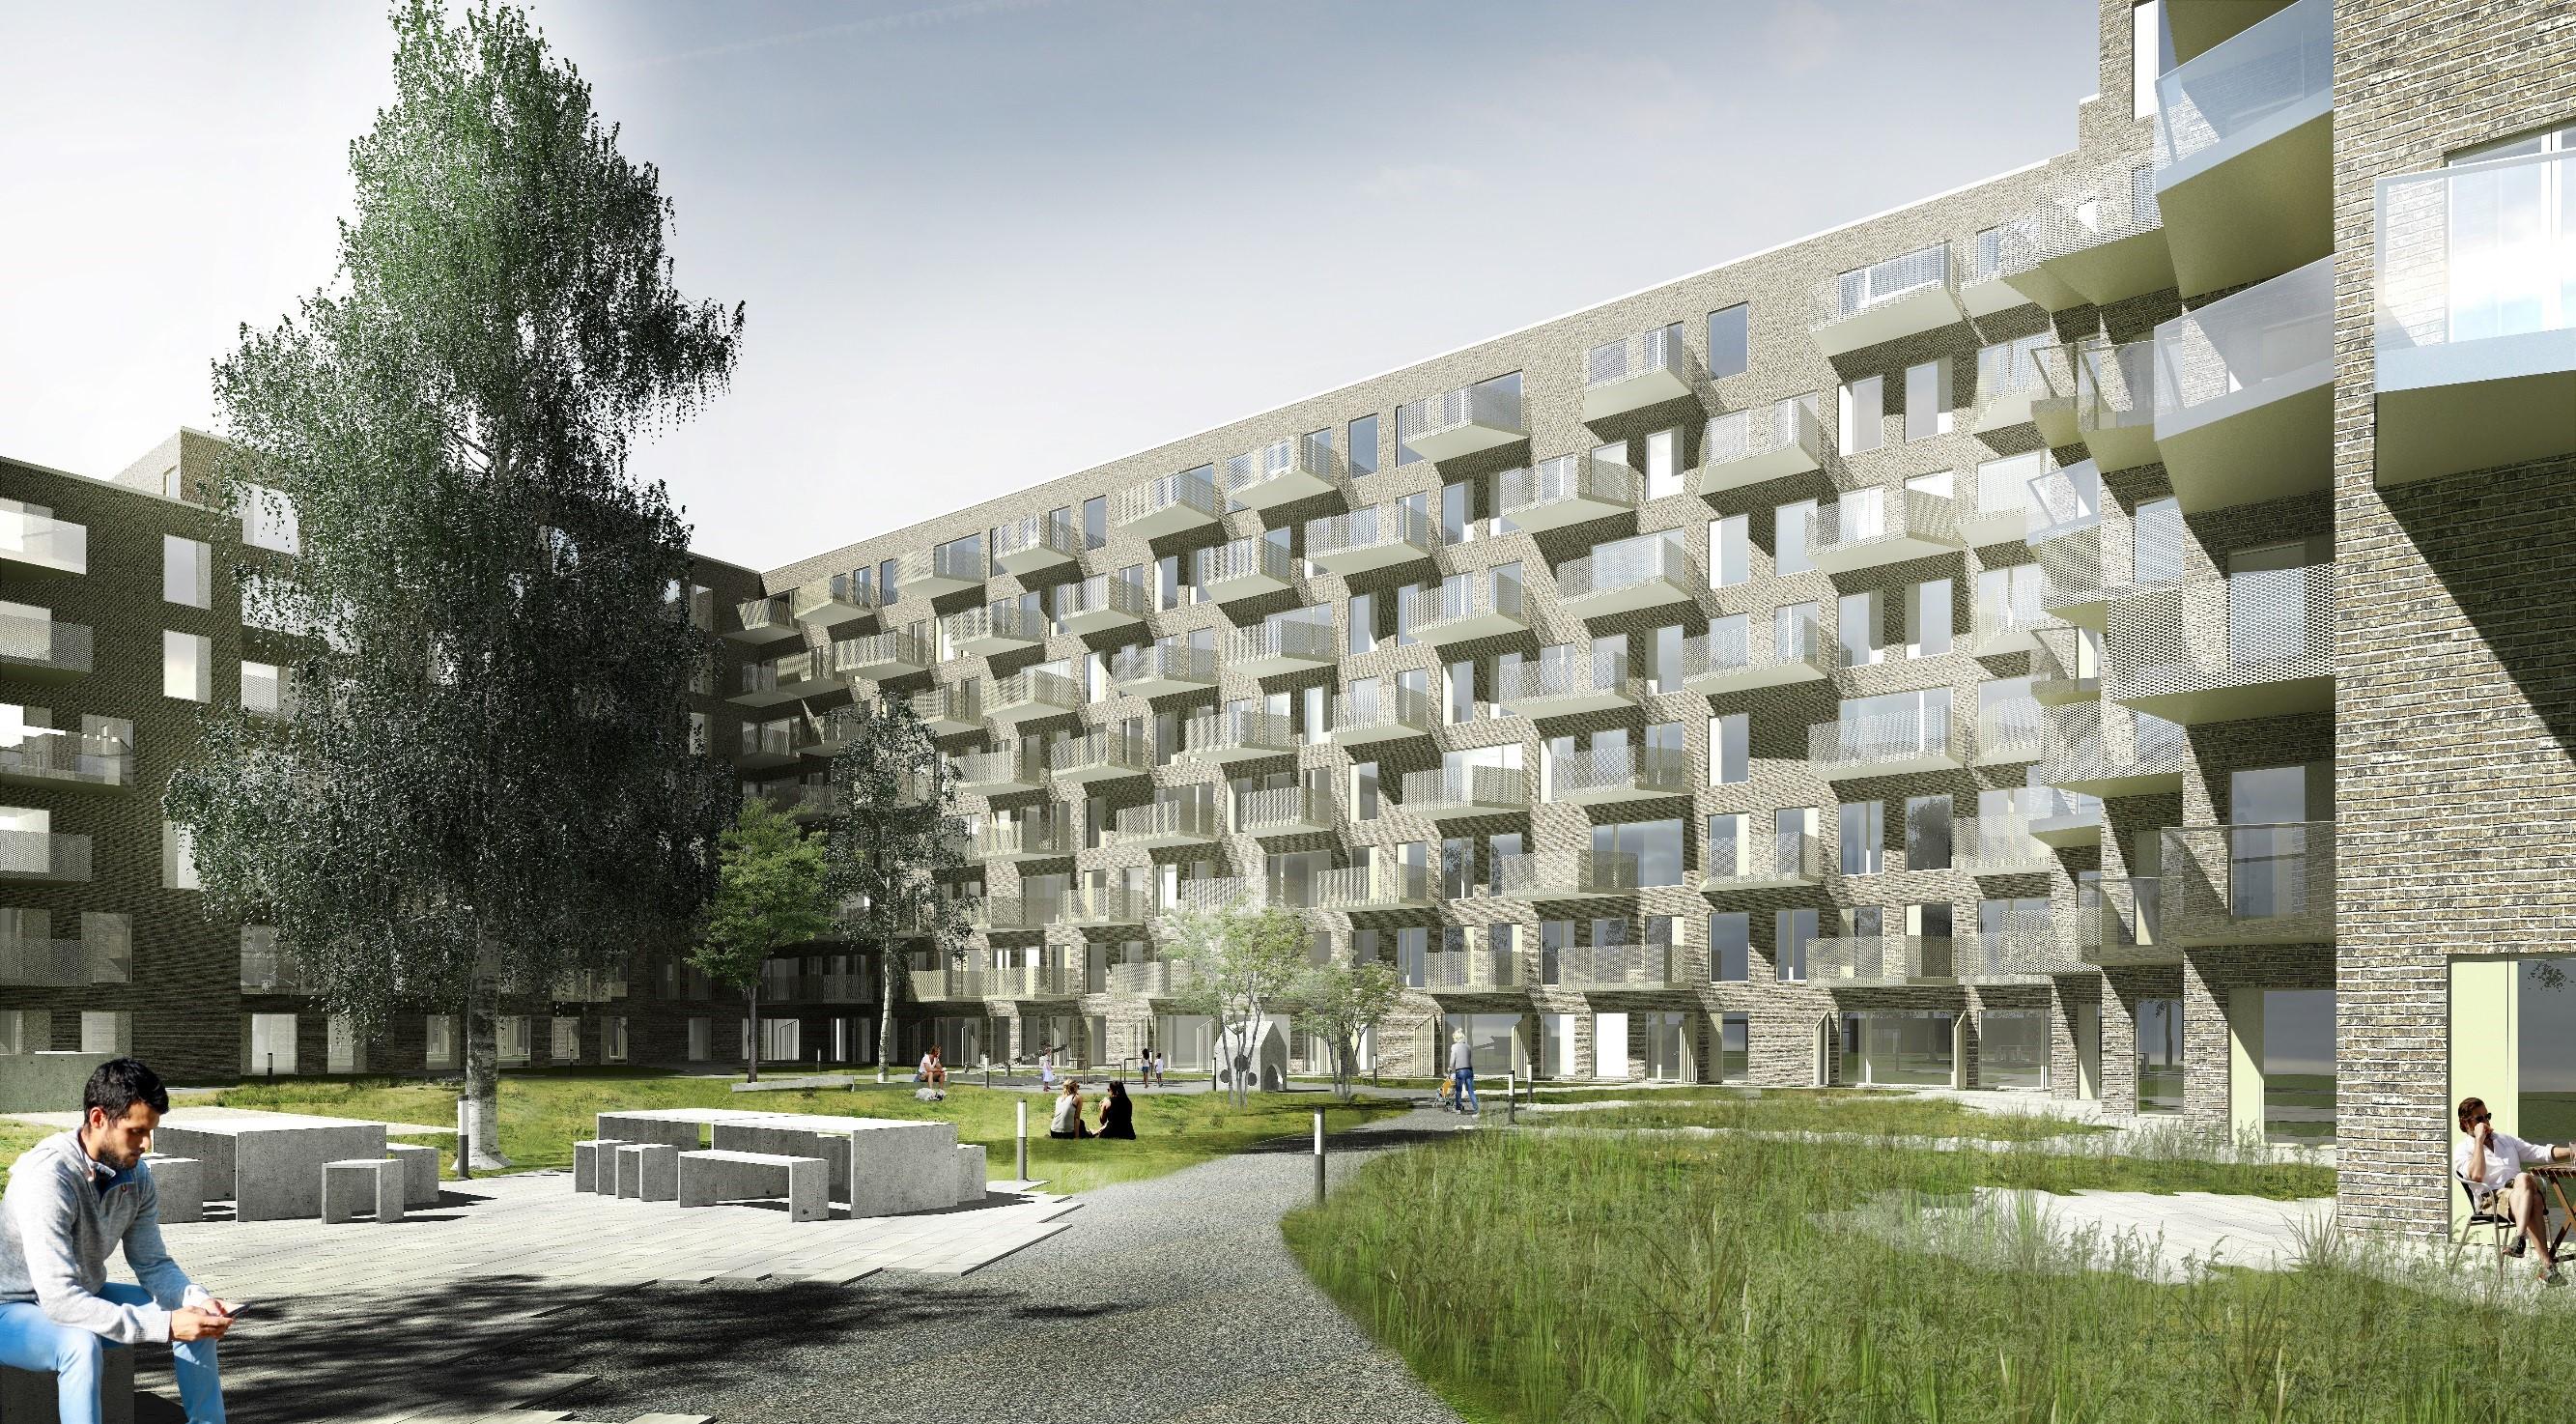 NCC skal bygge DGNB-boliger i København - Building Supply DK